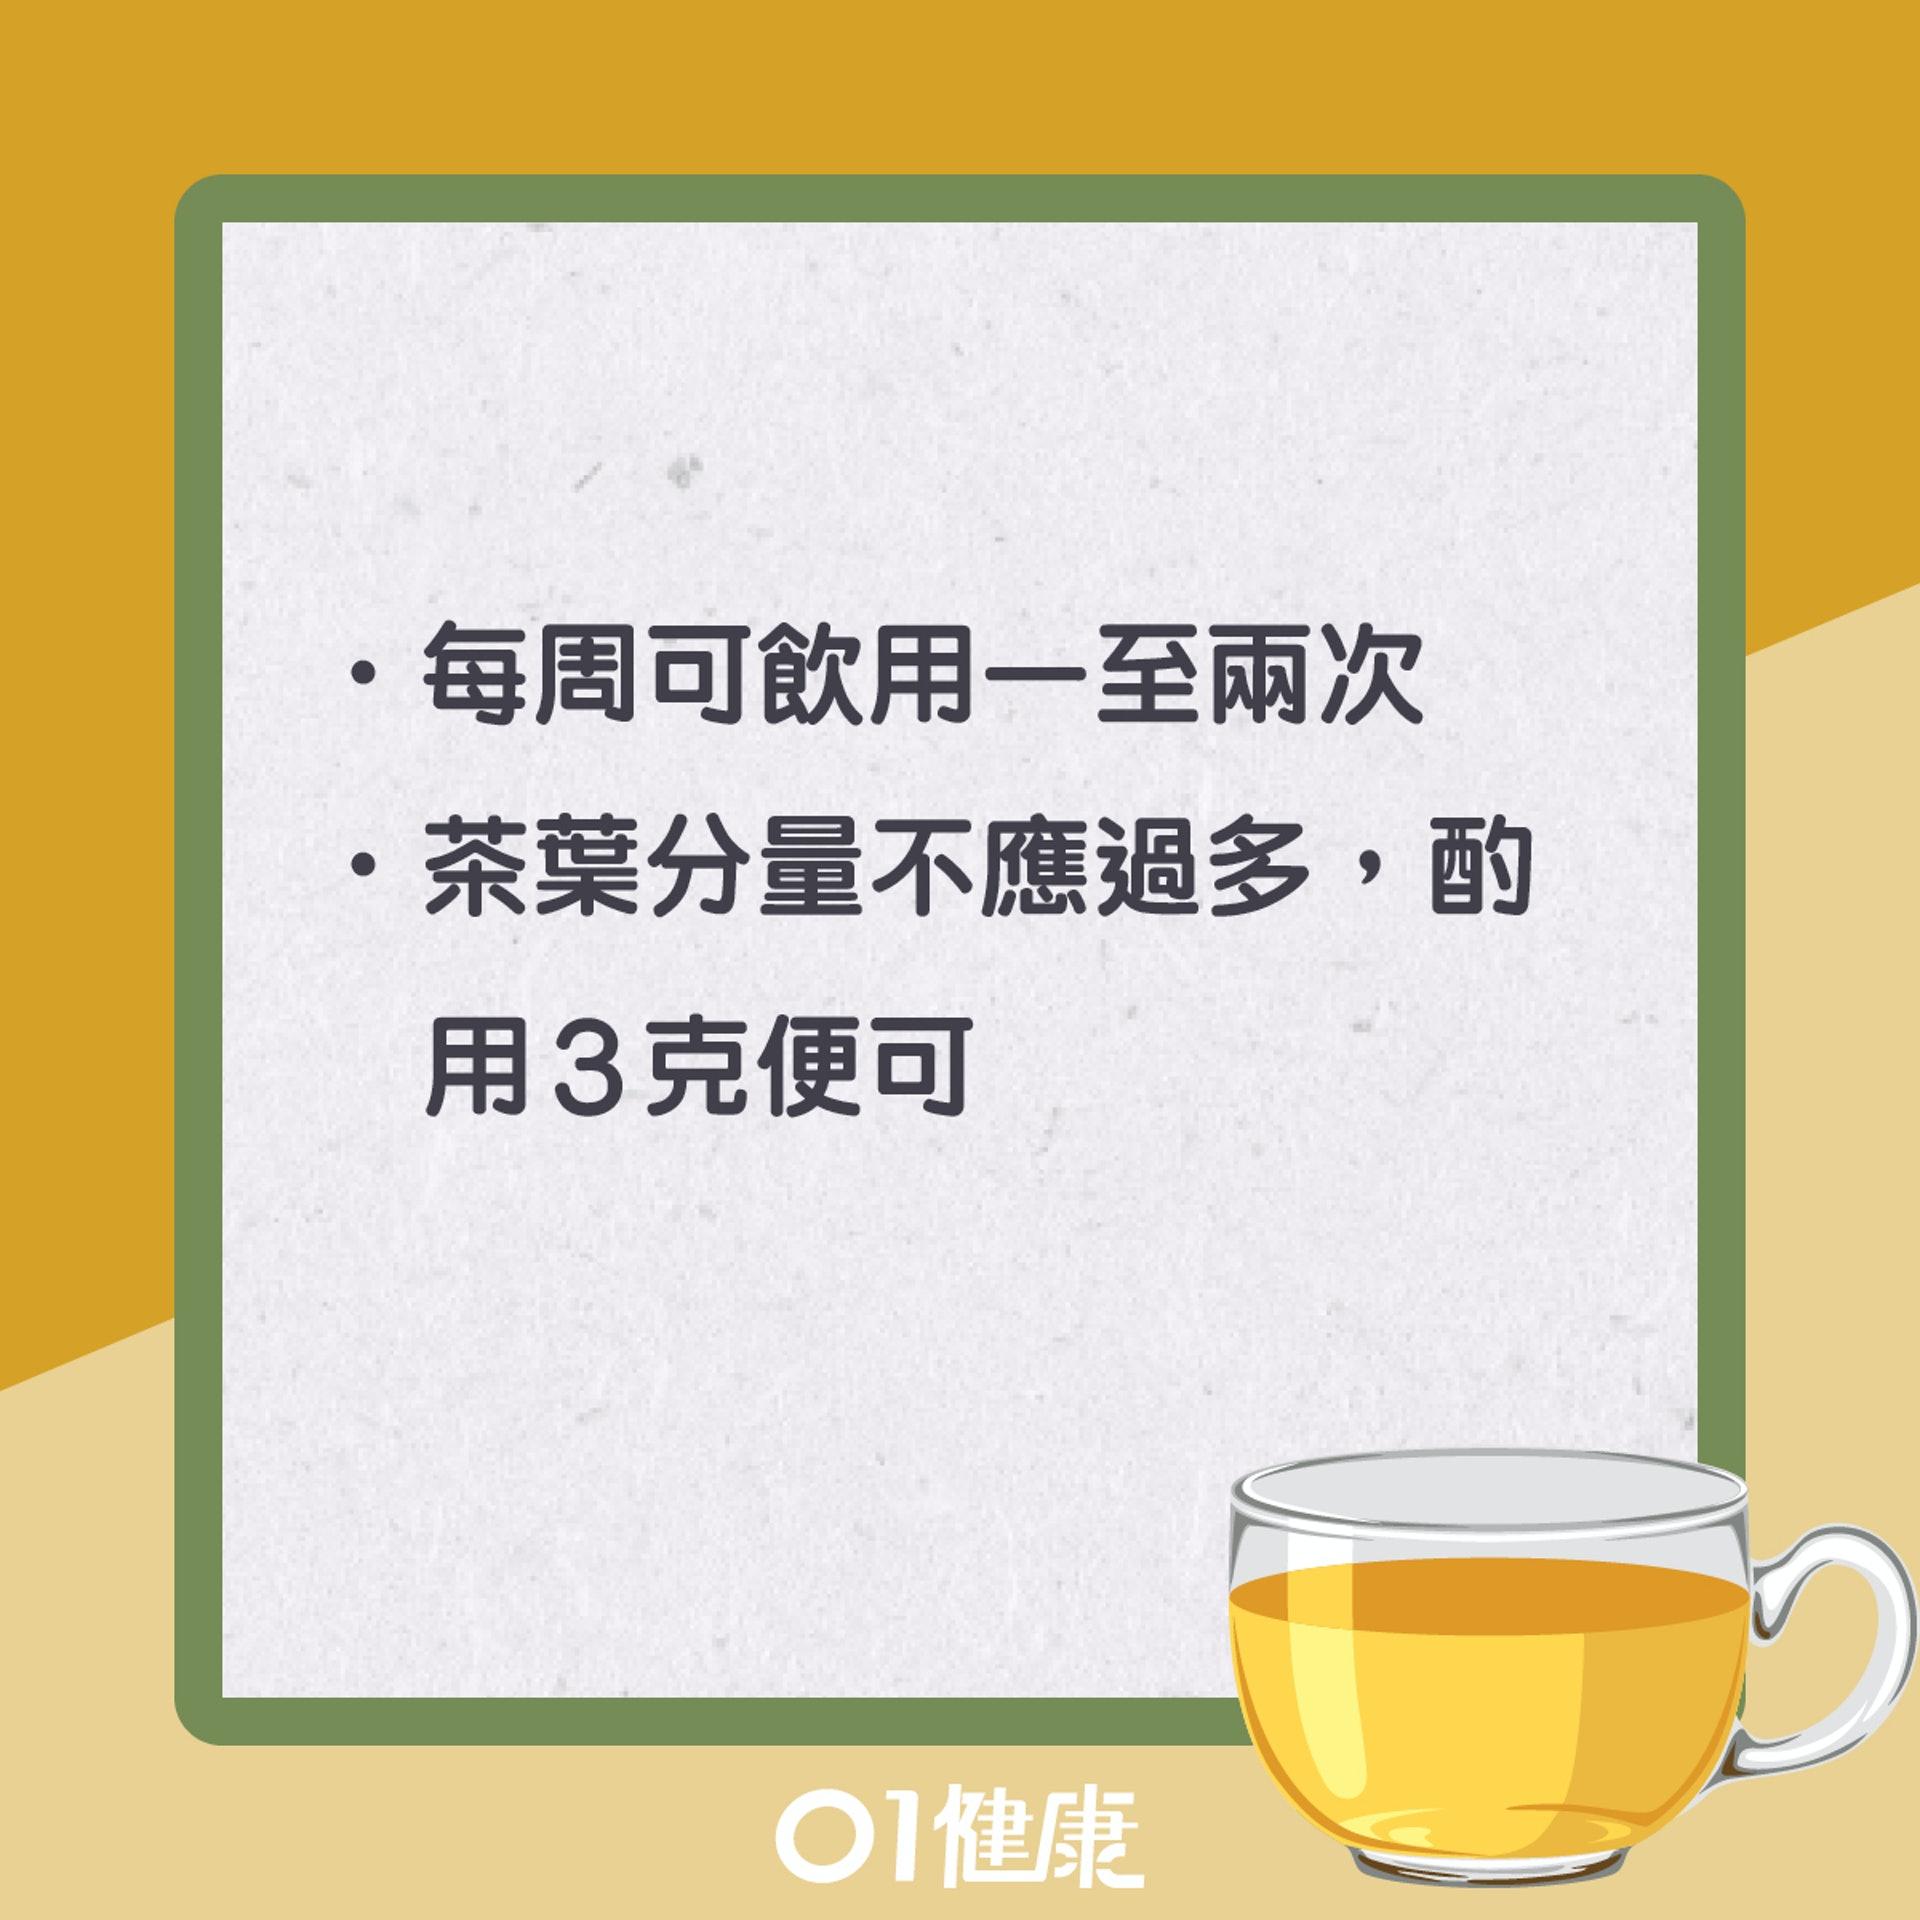 飲用桂花茶注意事項(01製圖)